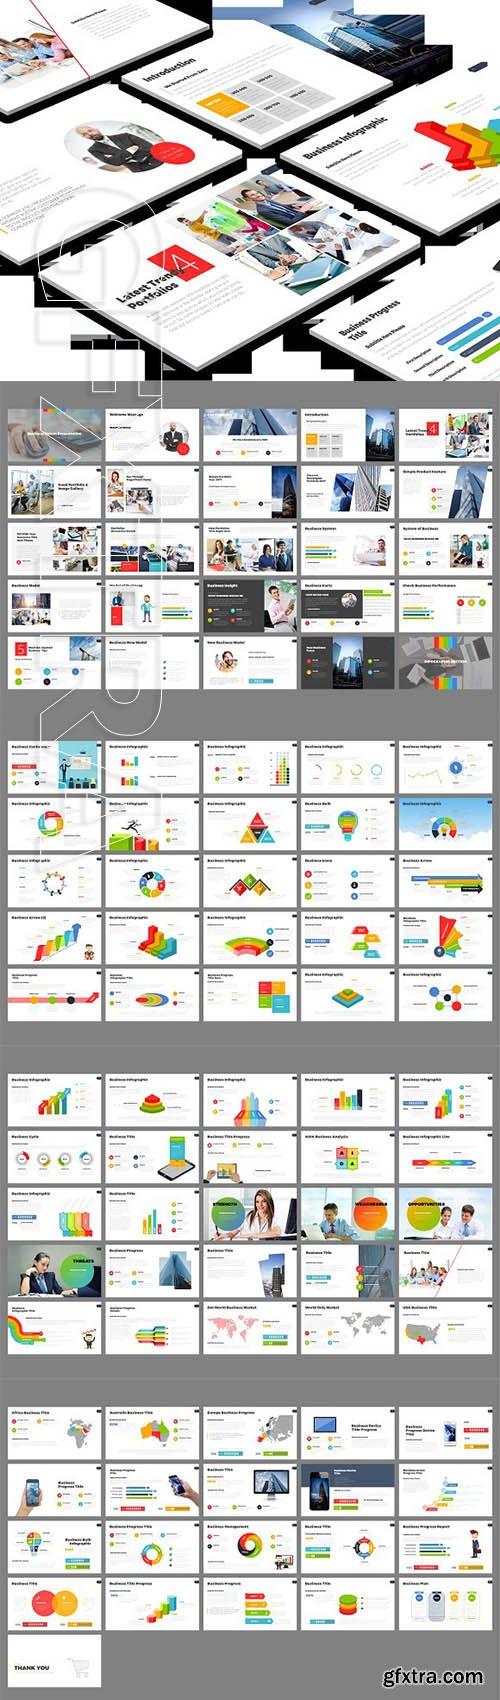 CM - Neue Startup Presentation Template 2632874